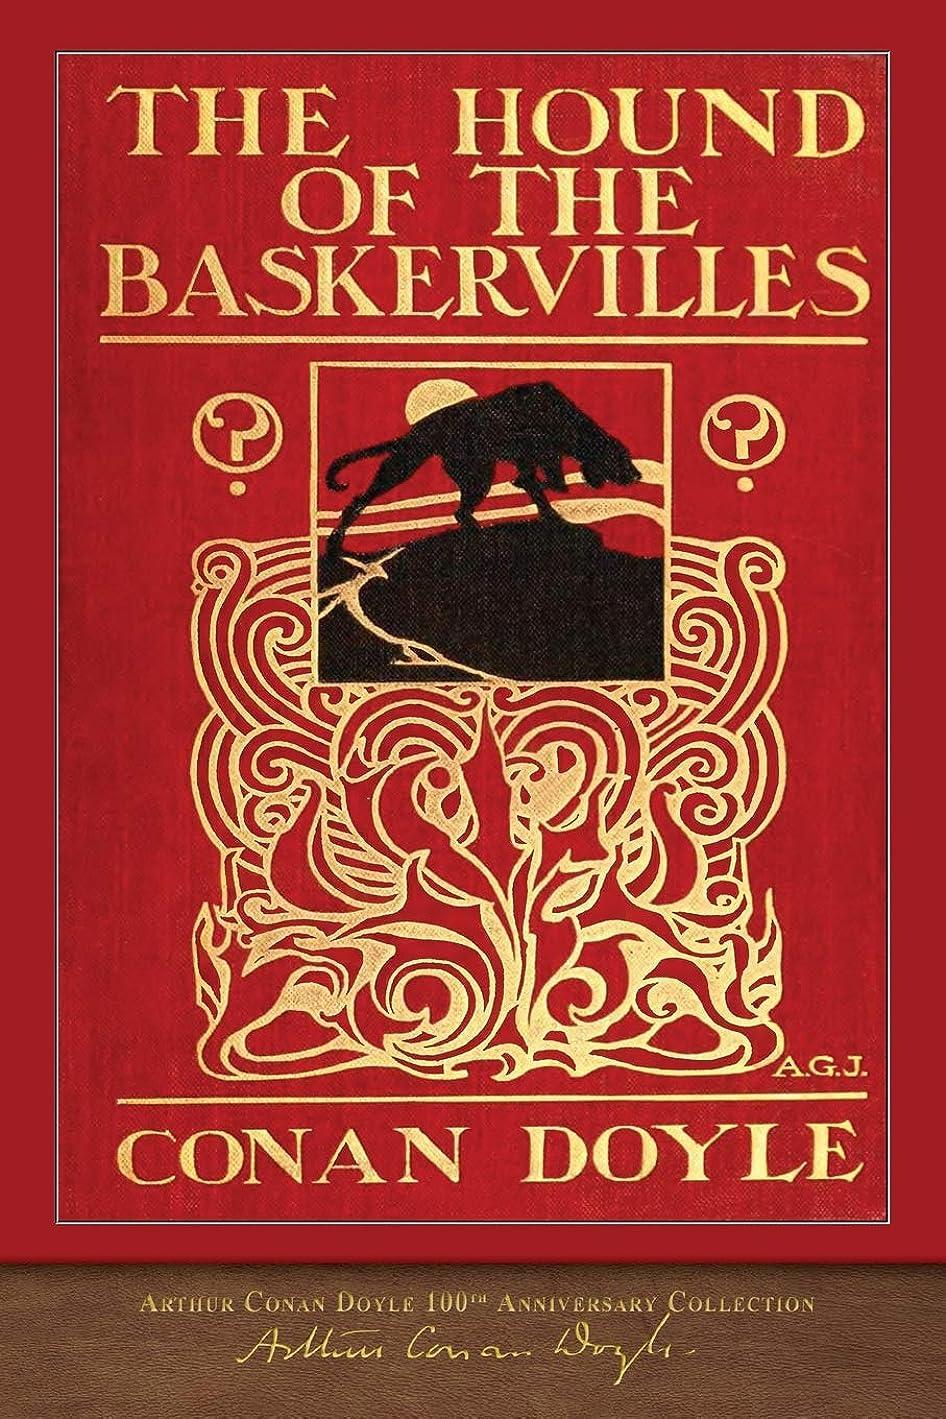 強い肘散らすThe Hound of the Baskervilles: 100th Anniversary Collection